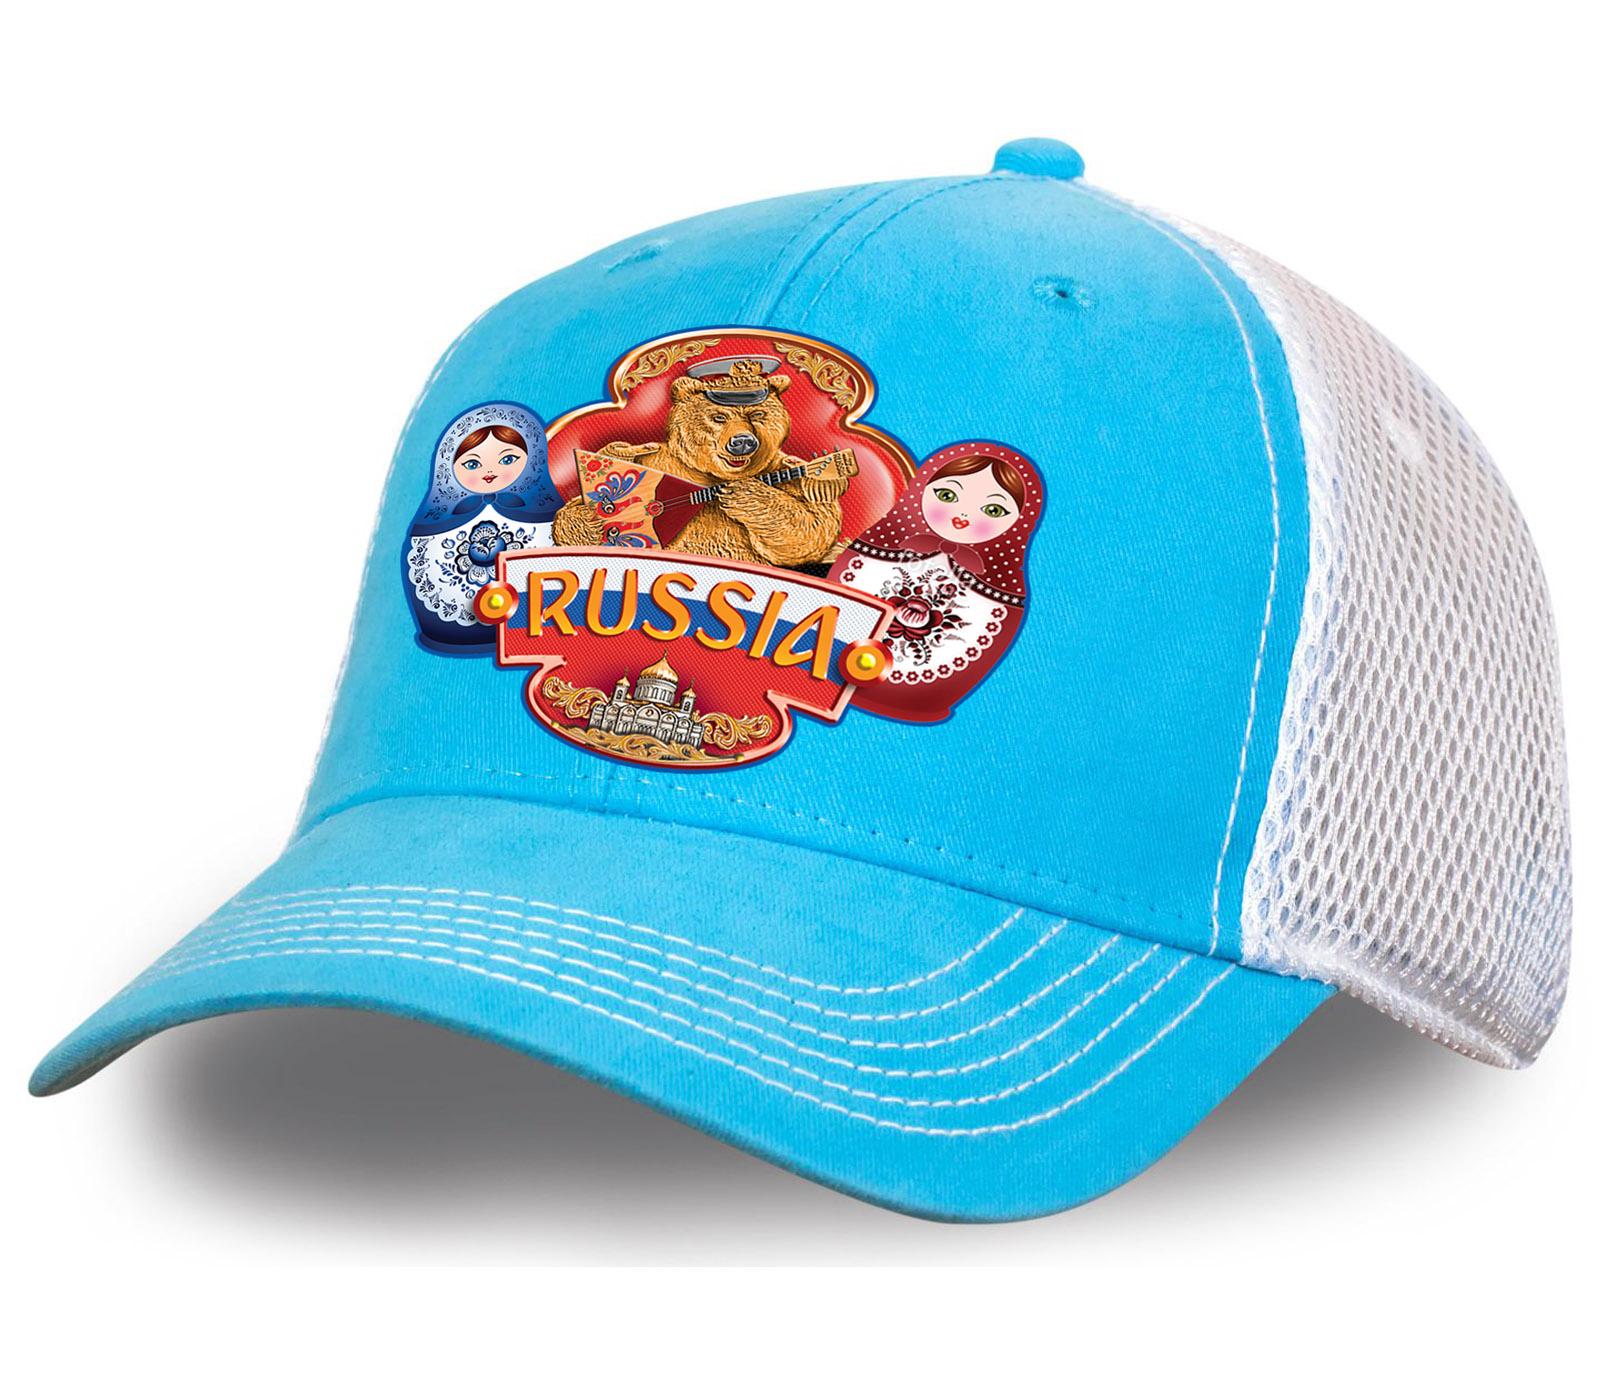 """Модная бейсболка """"Russia"""" с сеткой. Контрастная бело-голубая модель с ярким принтом. Заказывай и будь в тренде!"""